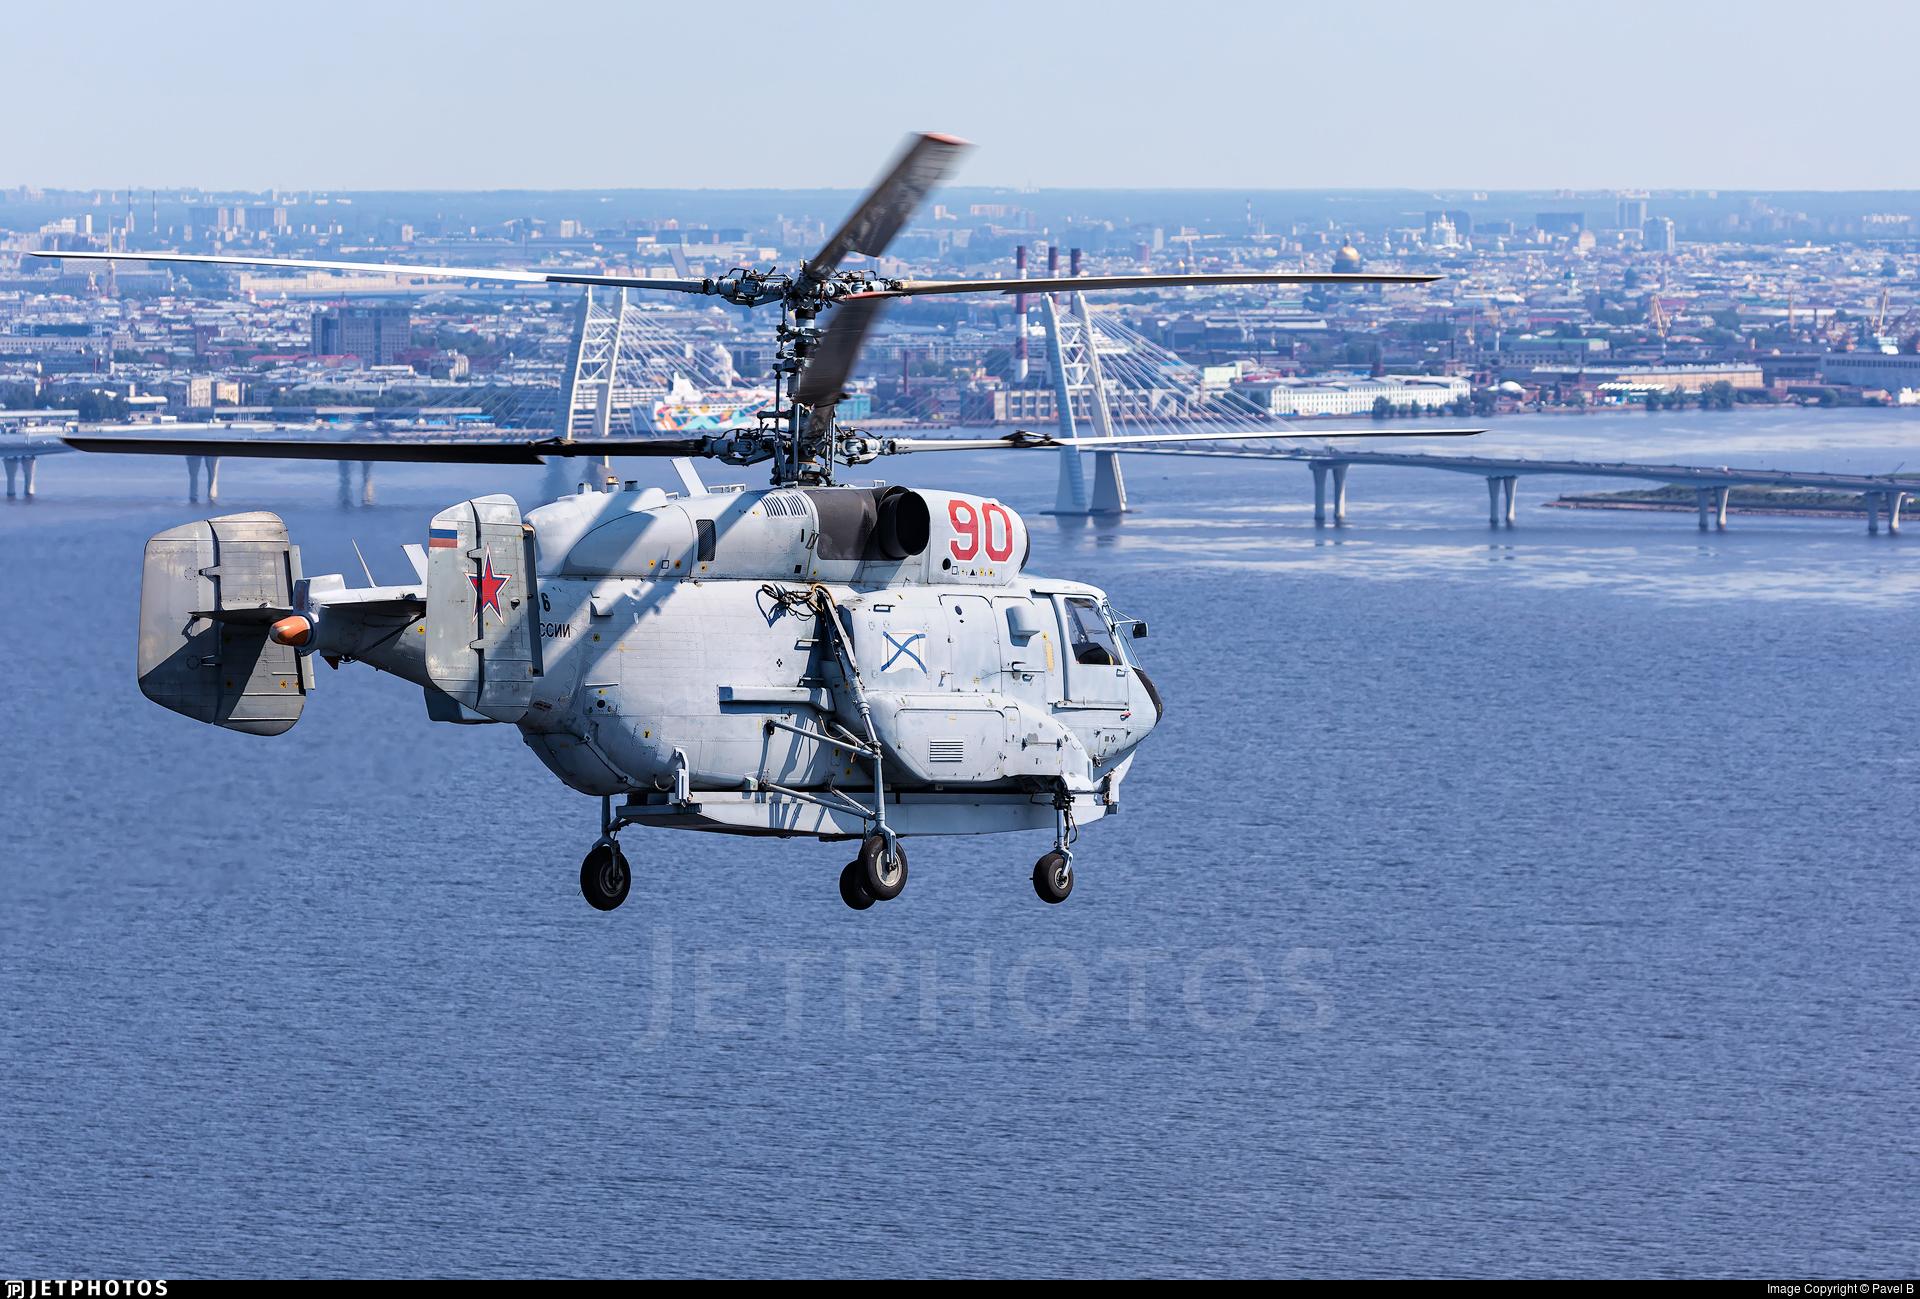 RF-34166 - Kamov Ka-31 Helix B - Russia - Navy